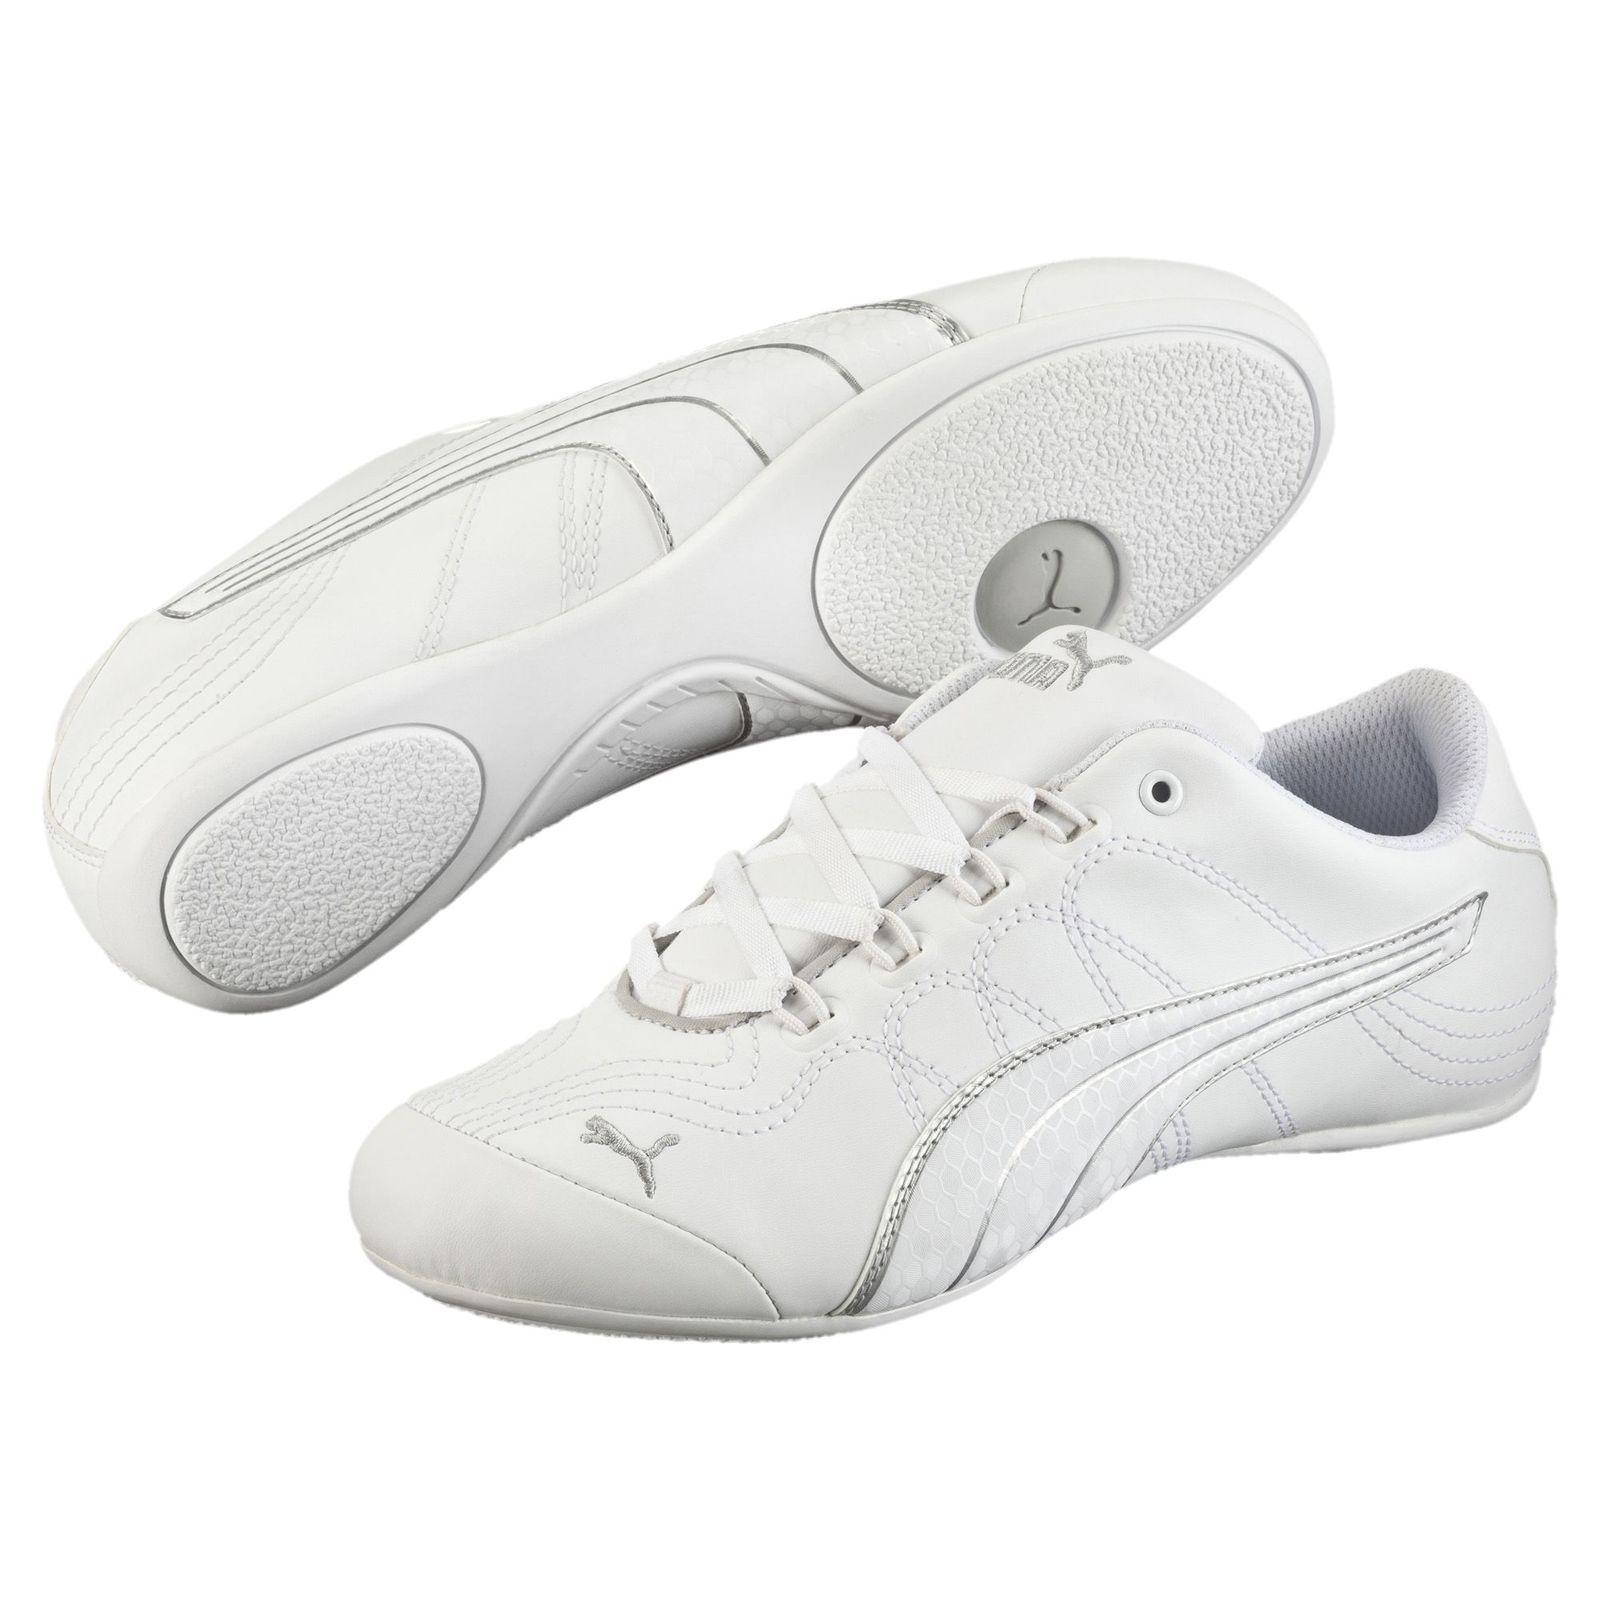 PUMA Soleil v2 Comfort Fun Womens Sneakers